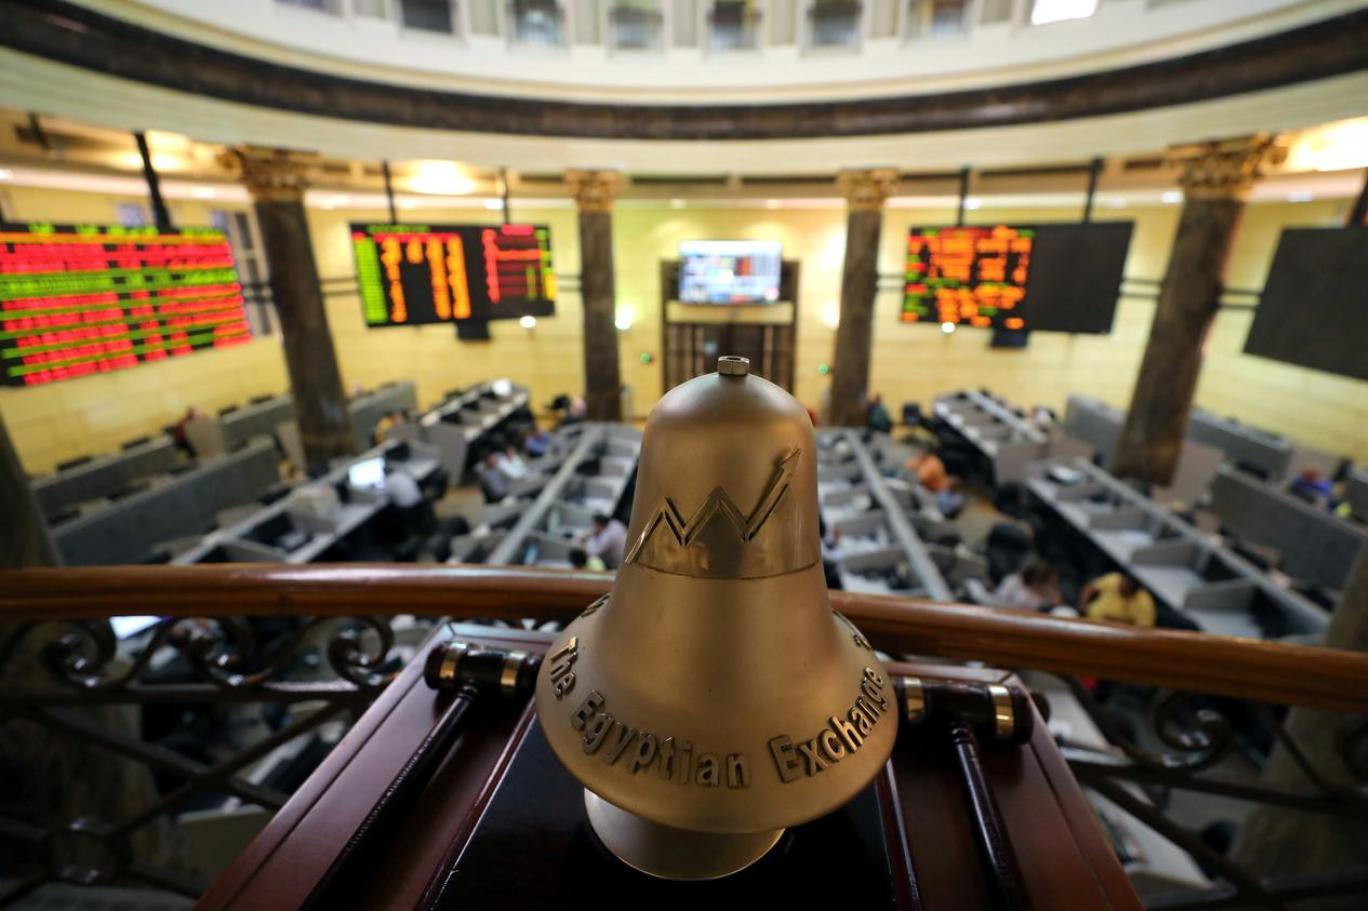 البورصة المصرية تتكبد خسائر بقيمة 8.5 مليار دولار في 2019 : اندبندنت عربية